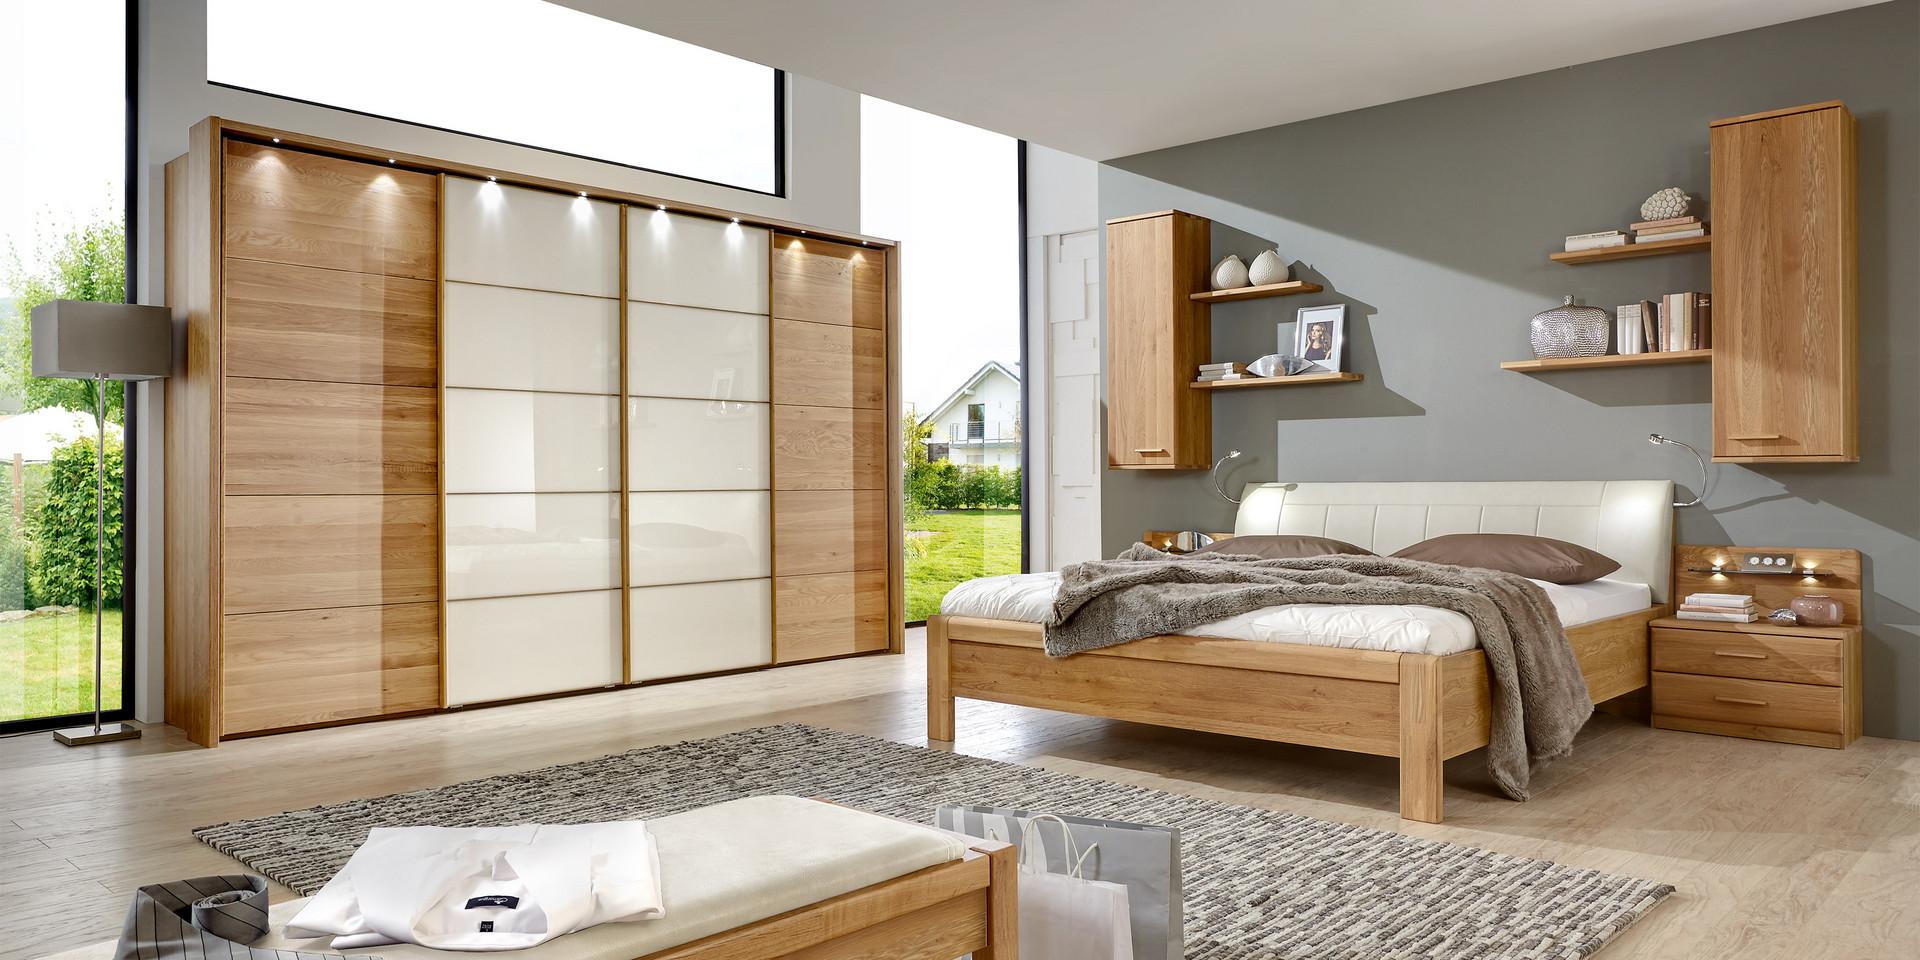 Toledo - Oeseder Möbel-Industrie